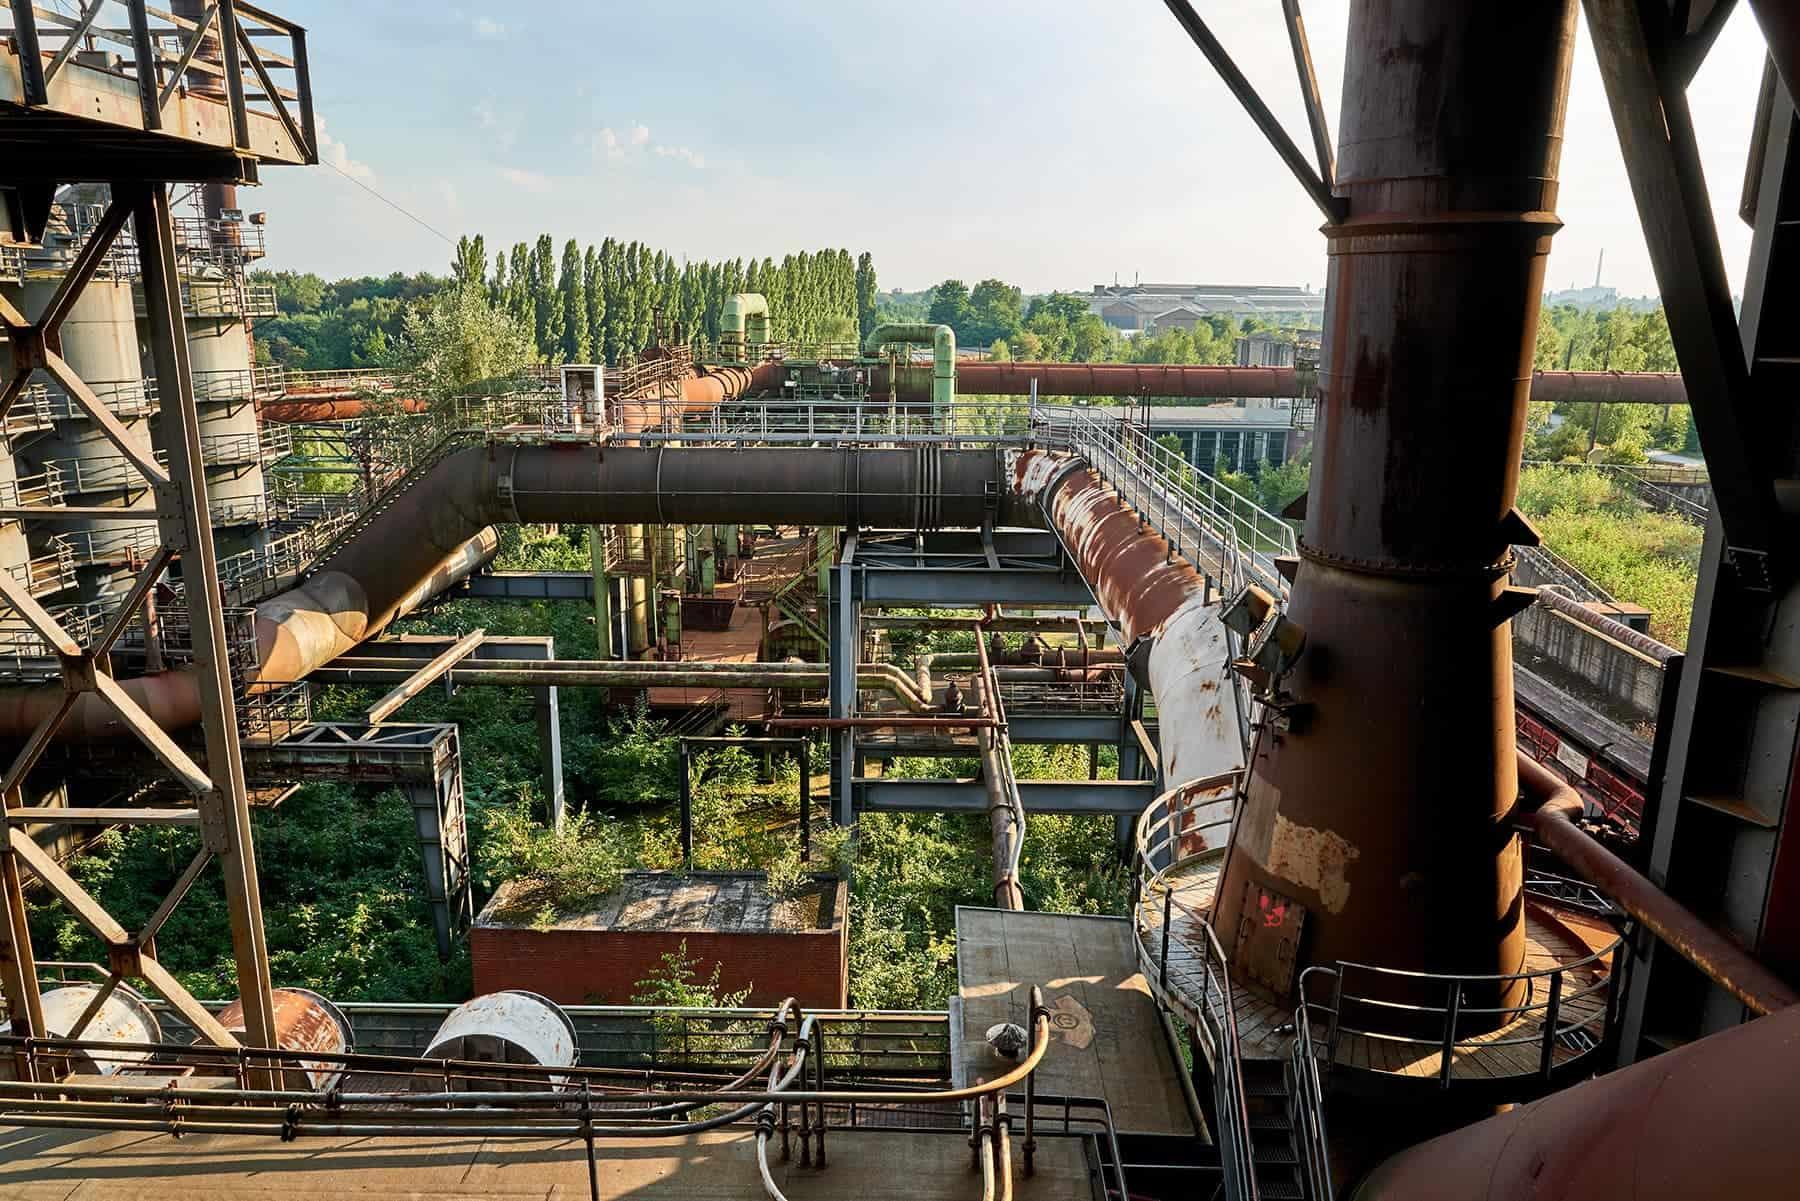 Landschaftspark Duisburg Nord cWaltzingMeurers low res - Urban Duitsland: dit zijn de tofste plekken in het Ruhrgebied (ja, echt!)